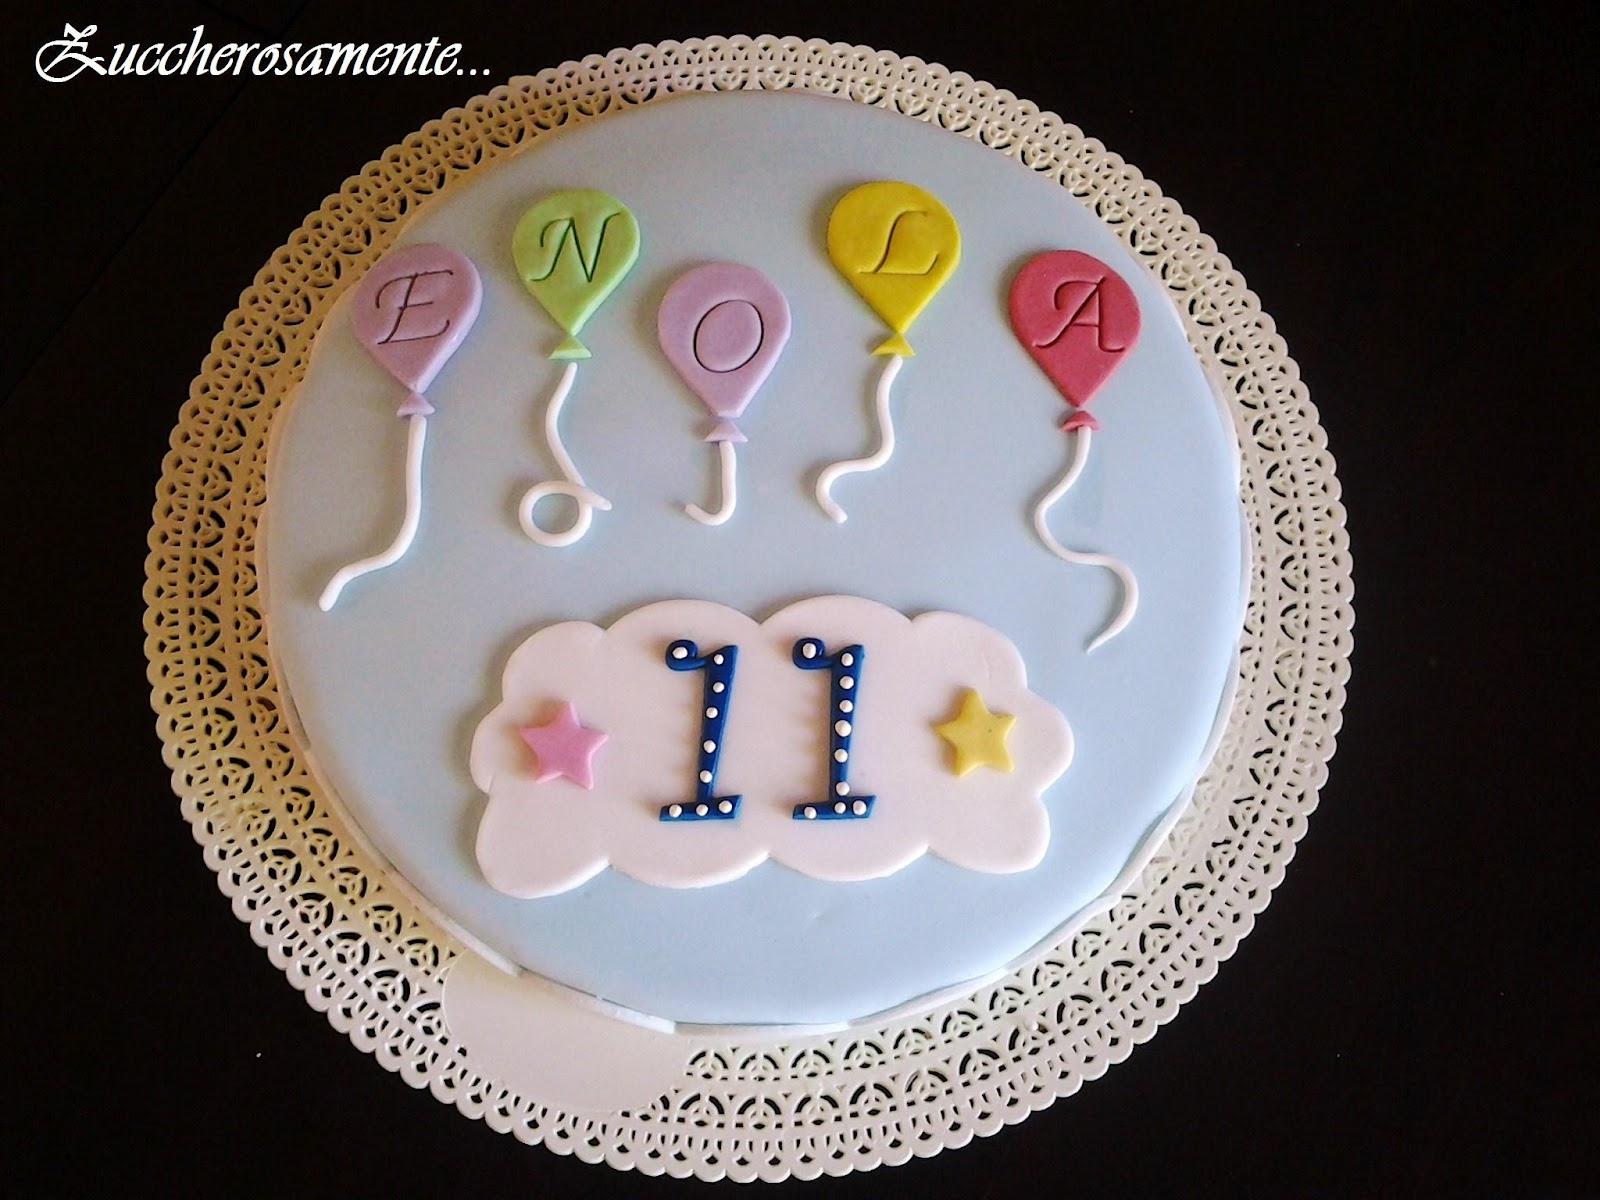 Zuccherosamente: Torta di compleanno con i palloncini